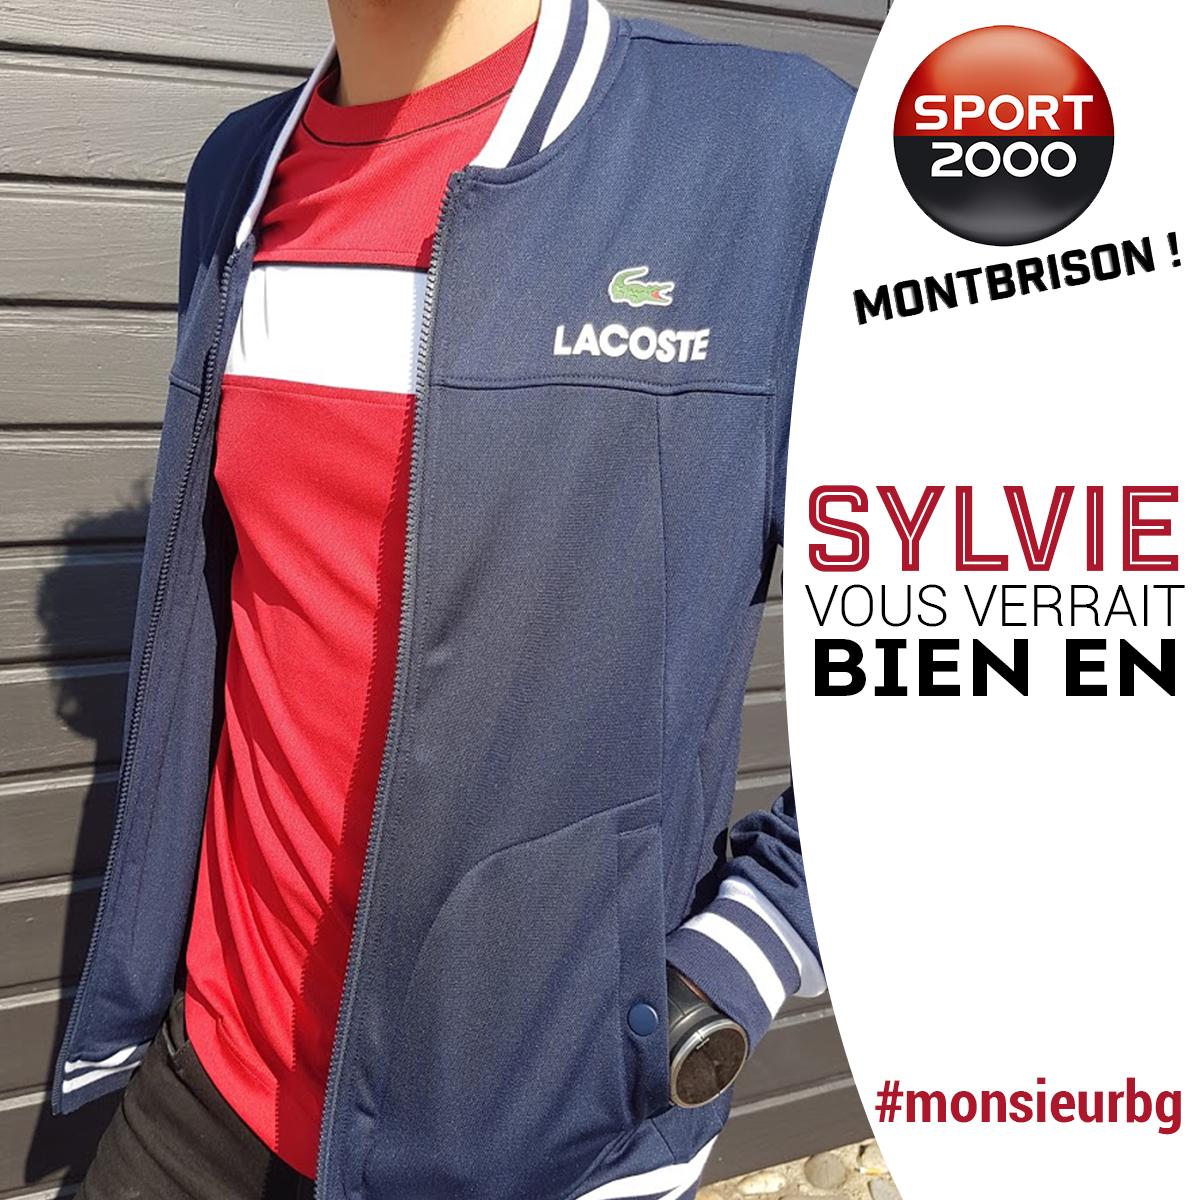 grand choix de 470f4 8cbdf Cette semaine, SYLVIE vous verrait bien en… – Sport 2000 ...